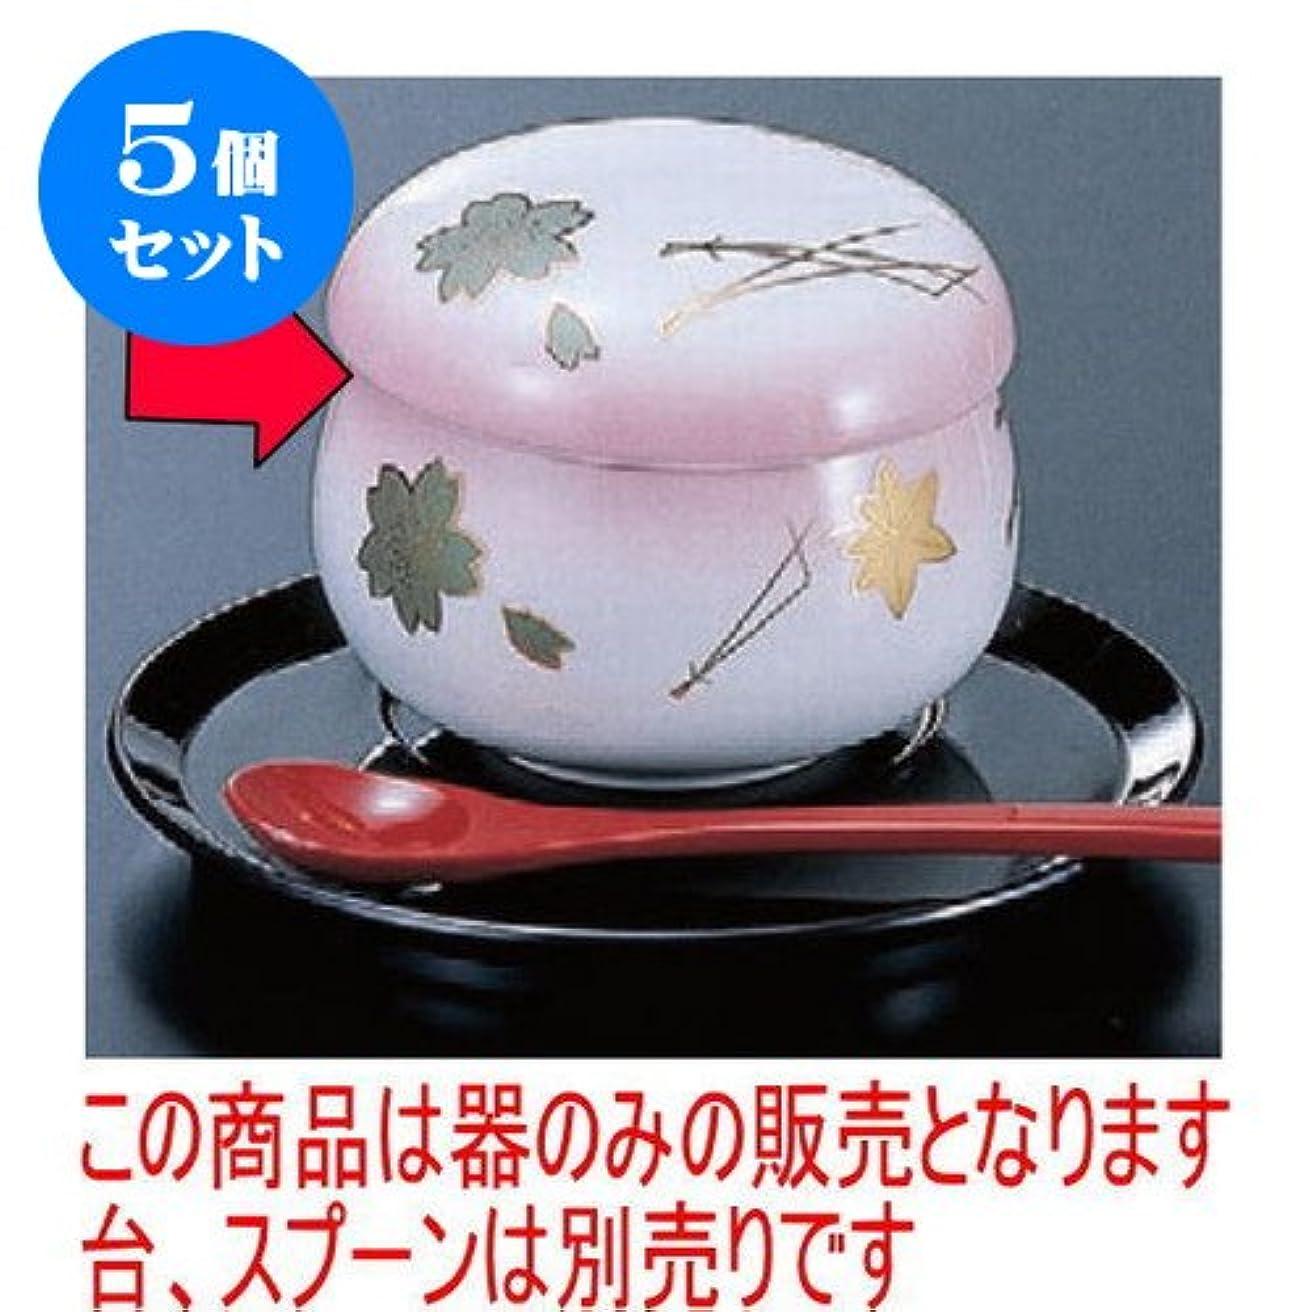 田舎スキャンダラス混沌砥部(とべ)唐草京型むし碗 (カ117-265)